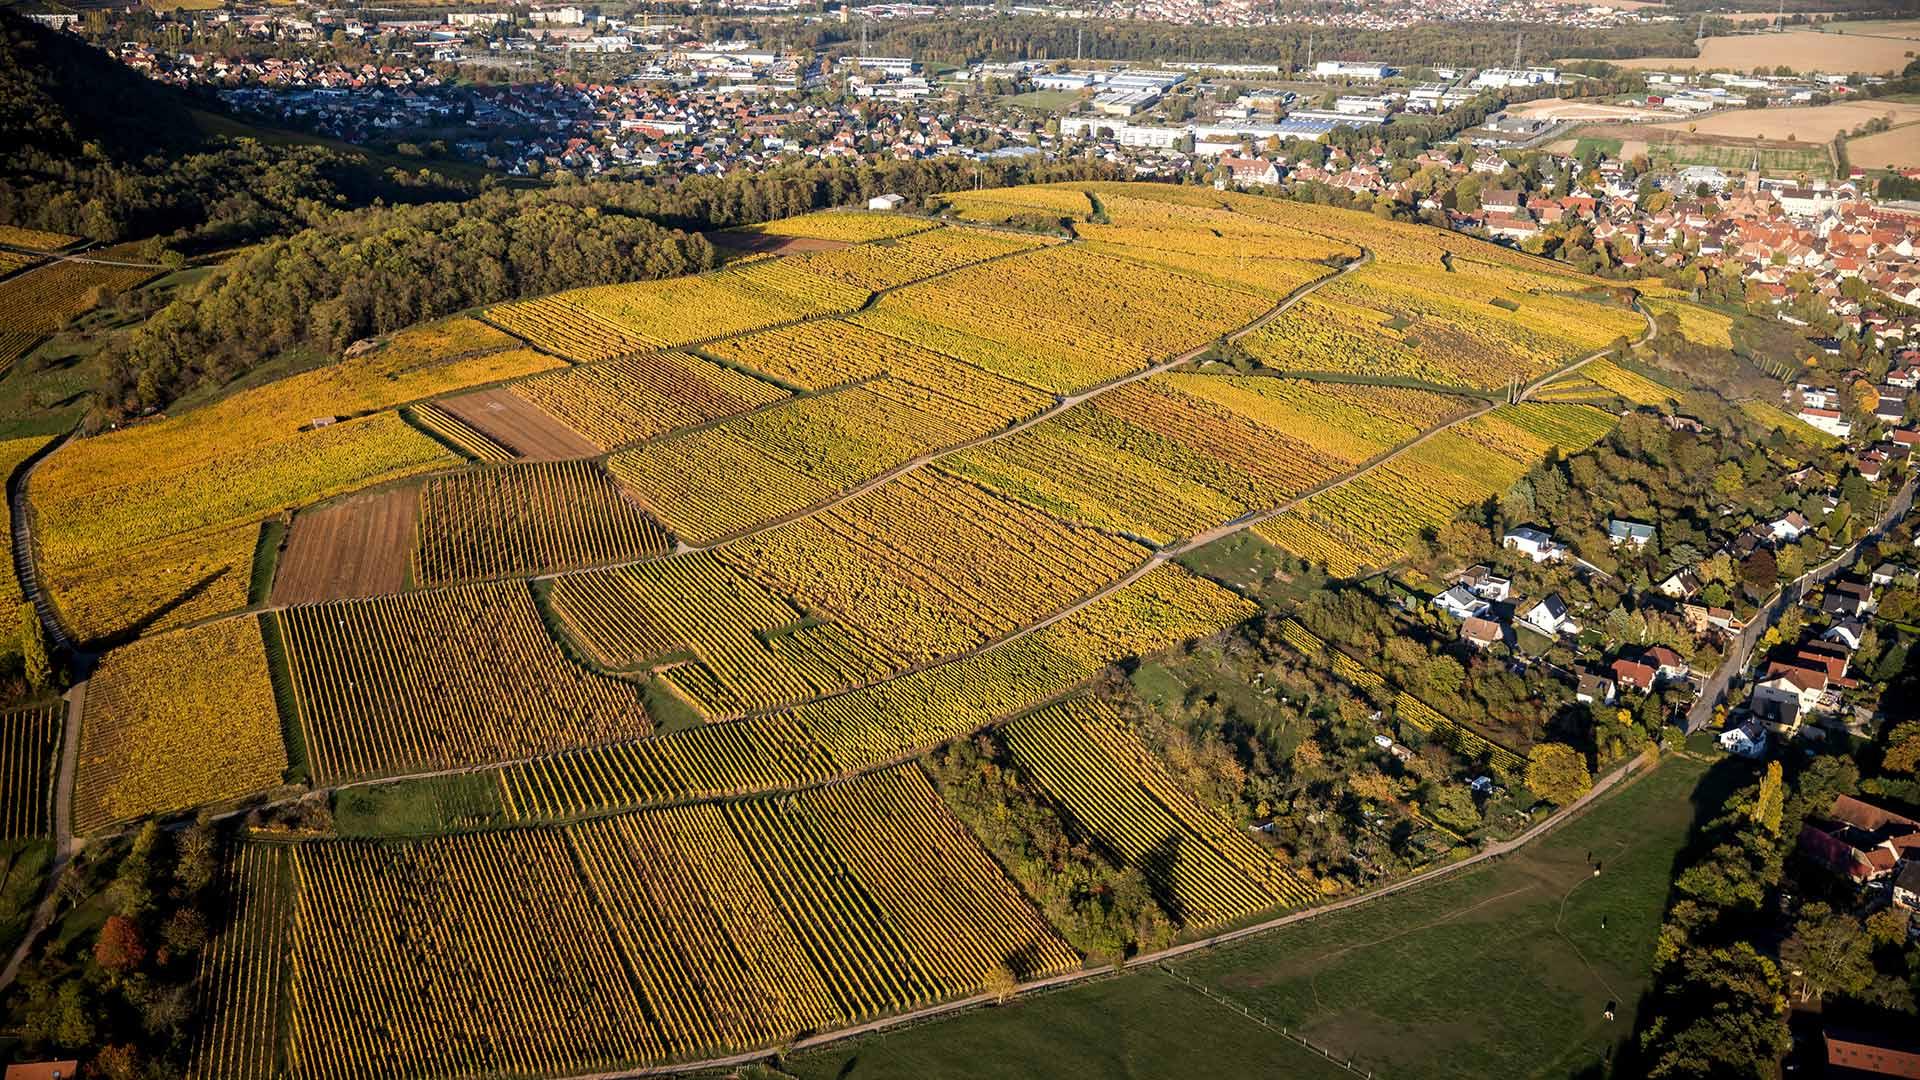 Mittelbourg